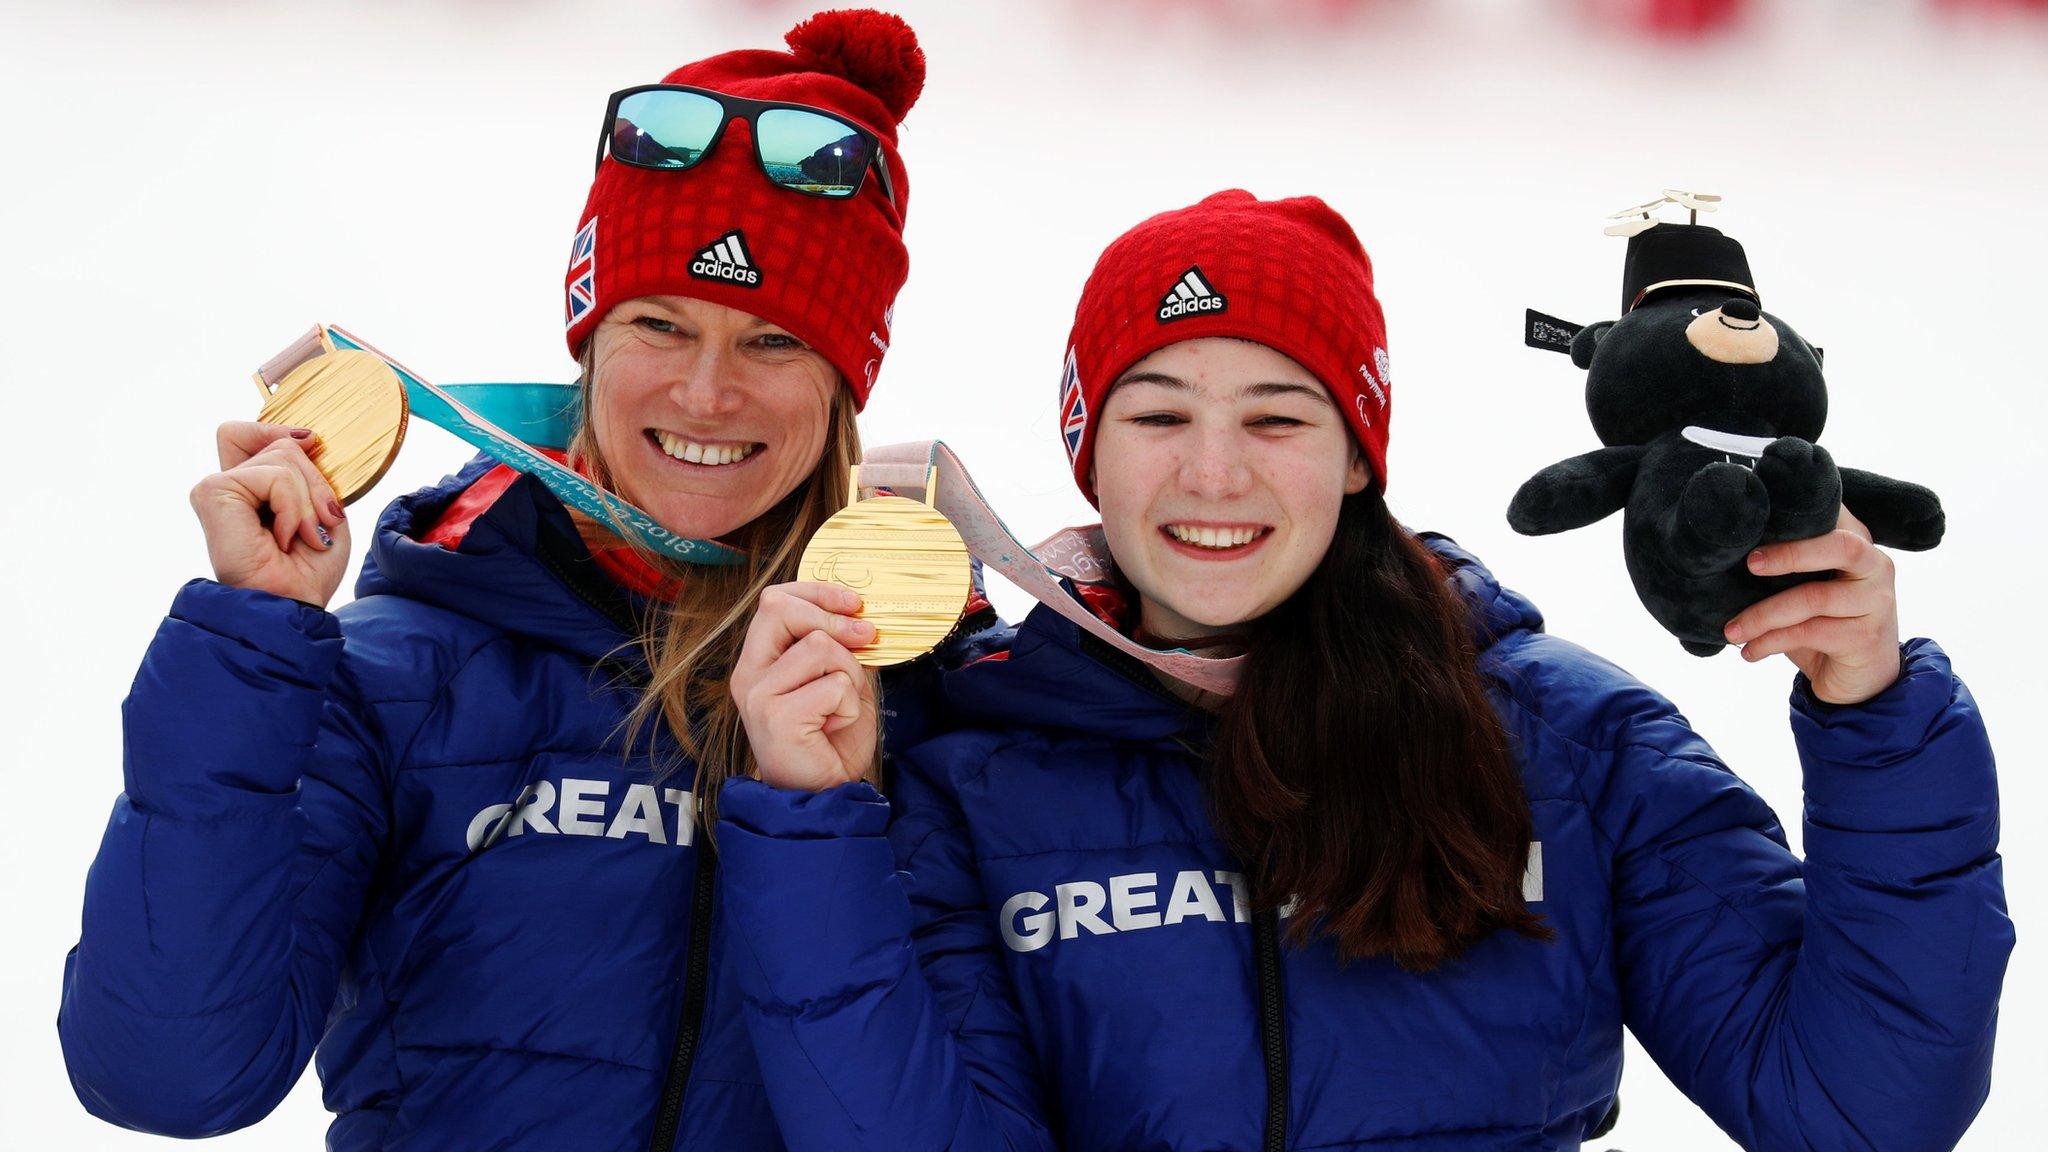 Winter Paralympics: Britons Menna Fitzpatrick & Jen Kehoe win slalom gold